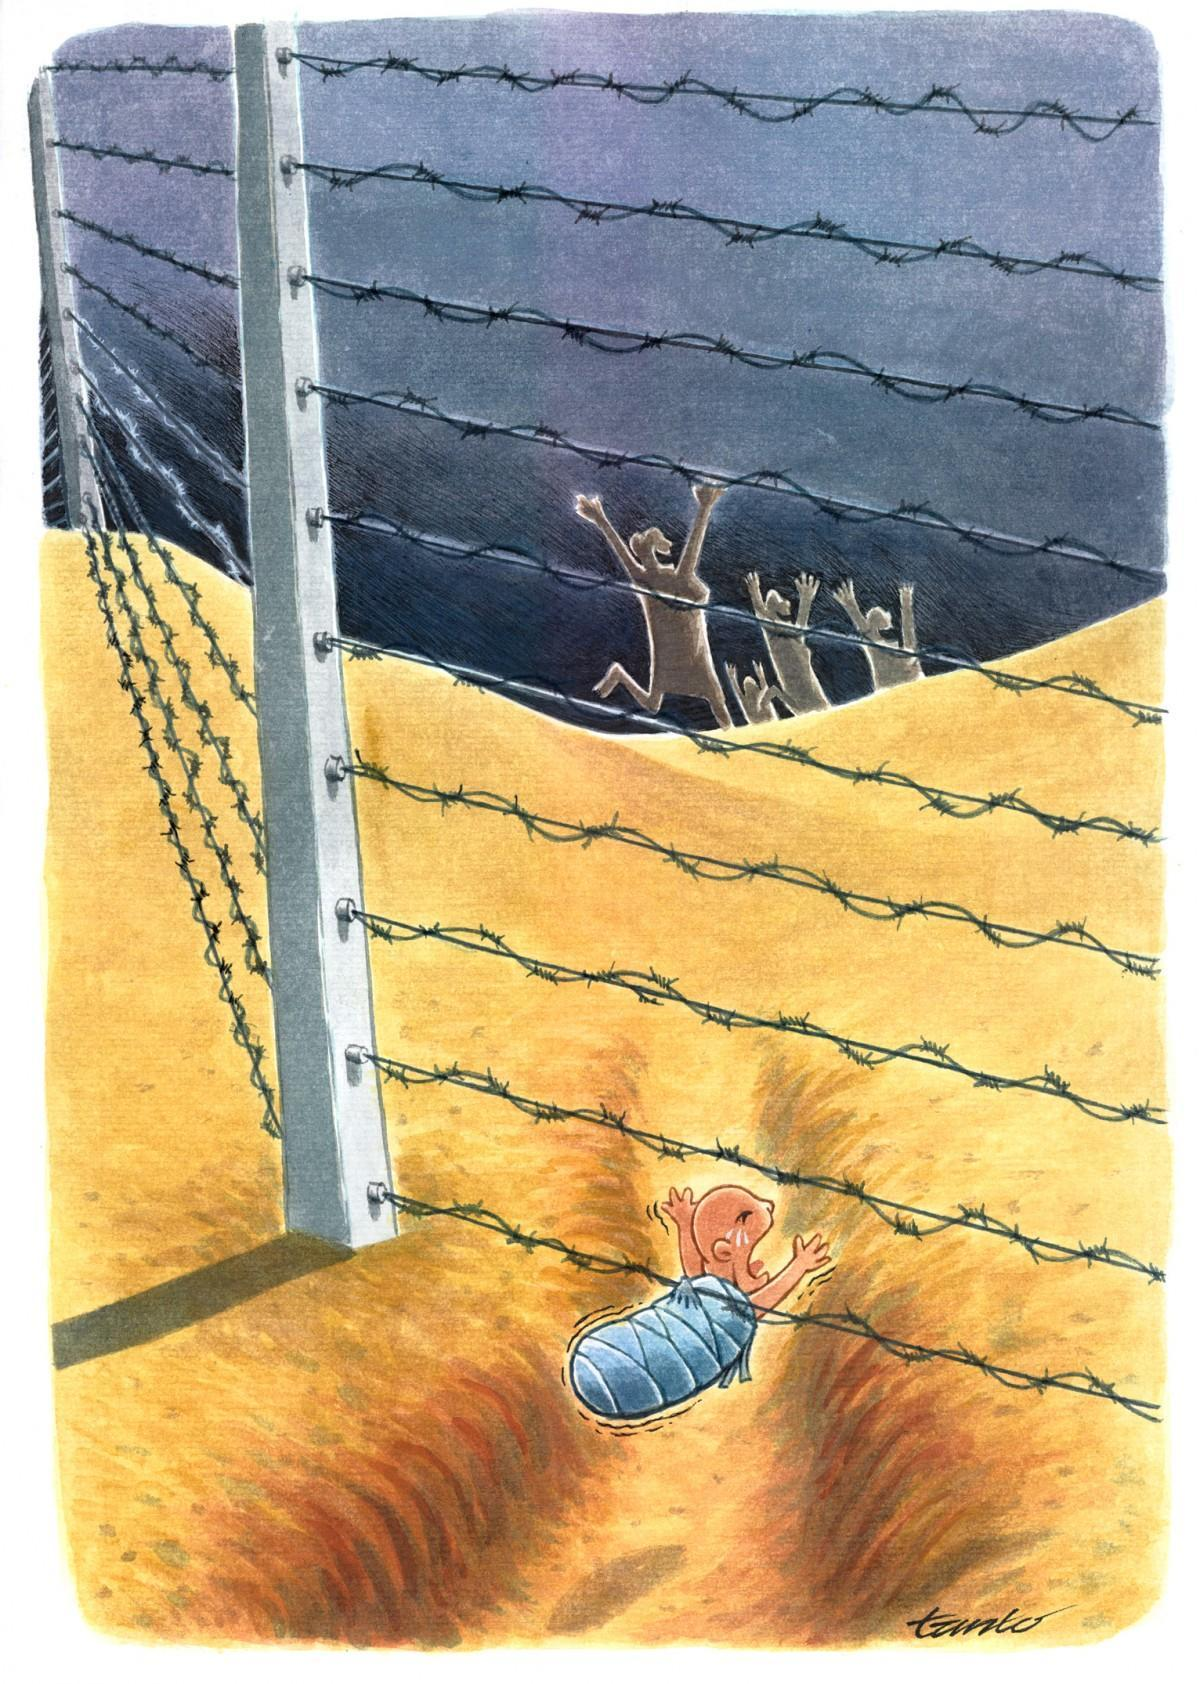 天天漫画网:国外幽默漫画《温良的东方》